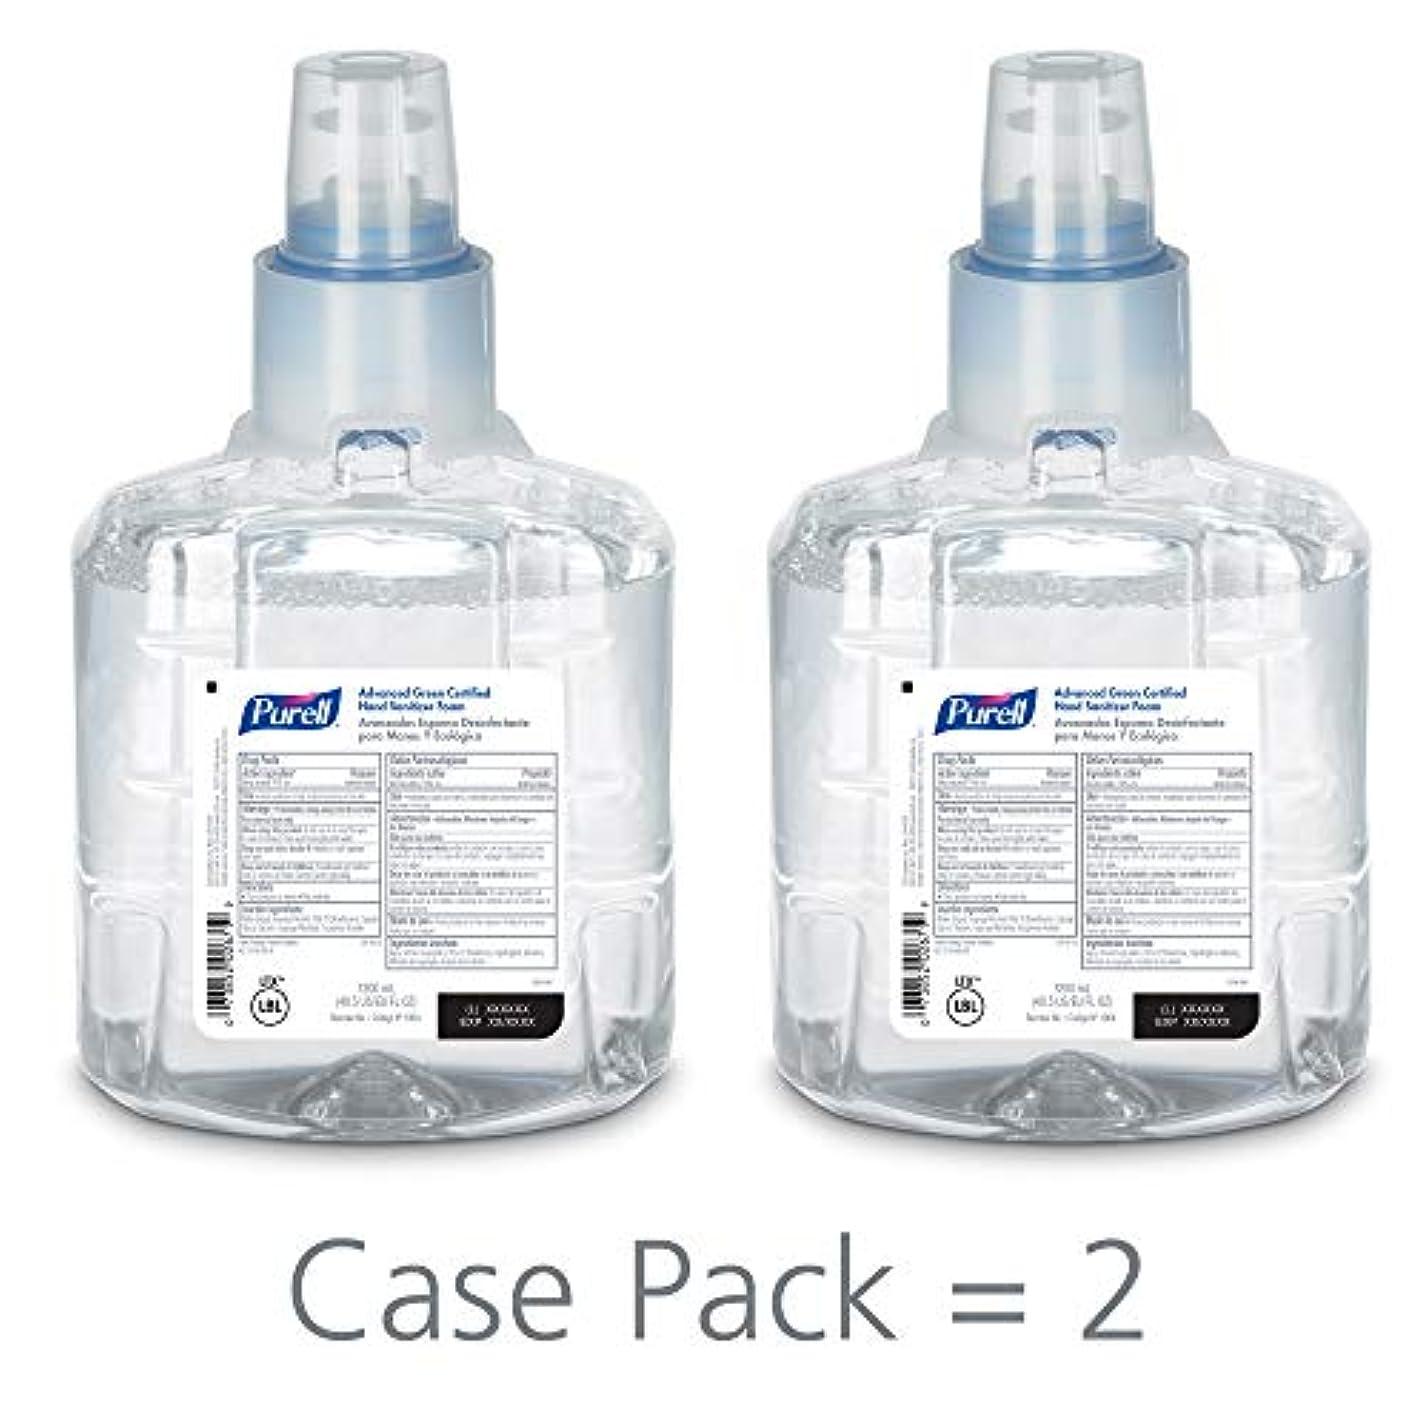 路面電車移植すべてPURELL 1904-02 1200 mL Advanced Green Certified Instant Hand Sanitizer Foam, LTX-12 Refill (Pack of 2) by Purell